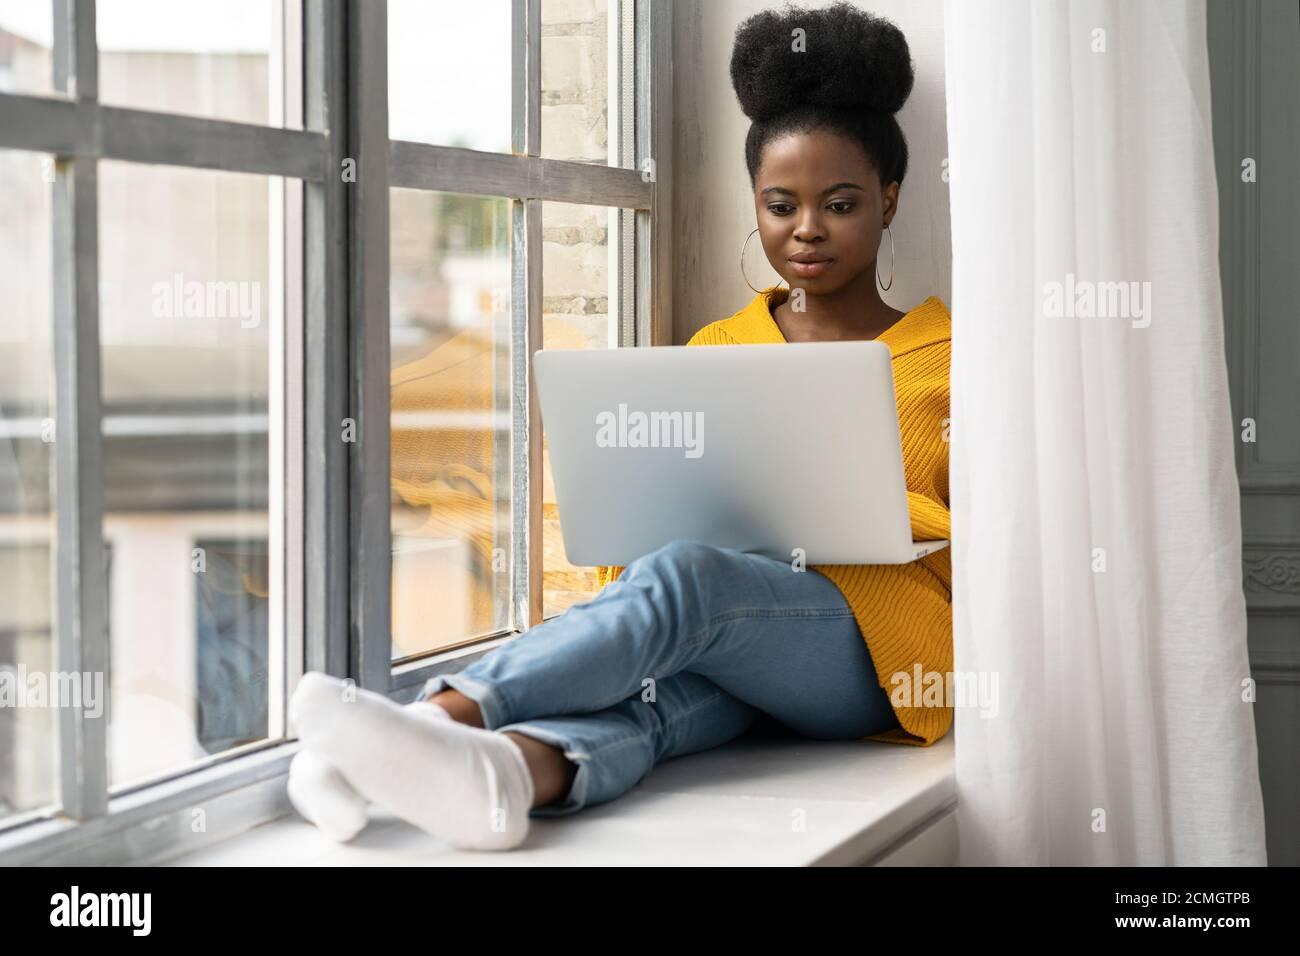 Femme afro-américaine étudiante avec une coiffure afro porter un gilet jaune, assise sur un rebord de fenêtre, travaillant à distance sur un ordinateur portable, apprenant à utiliser onl Banque D'Images